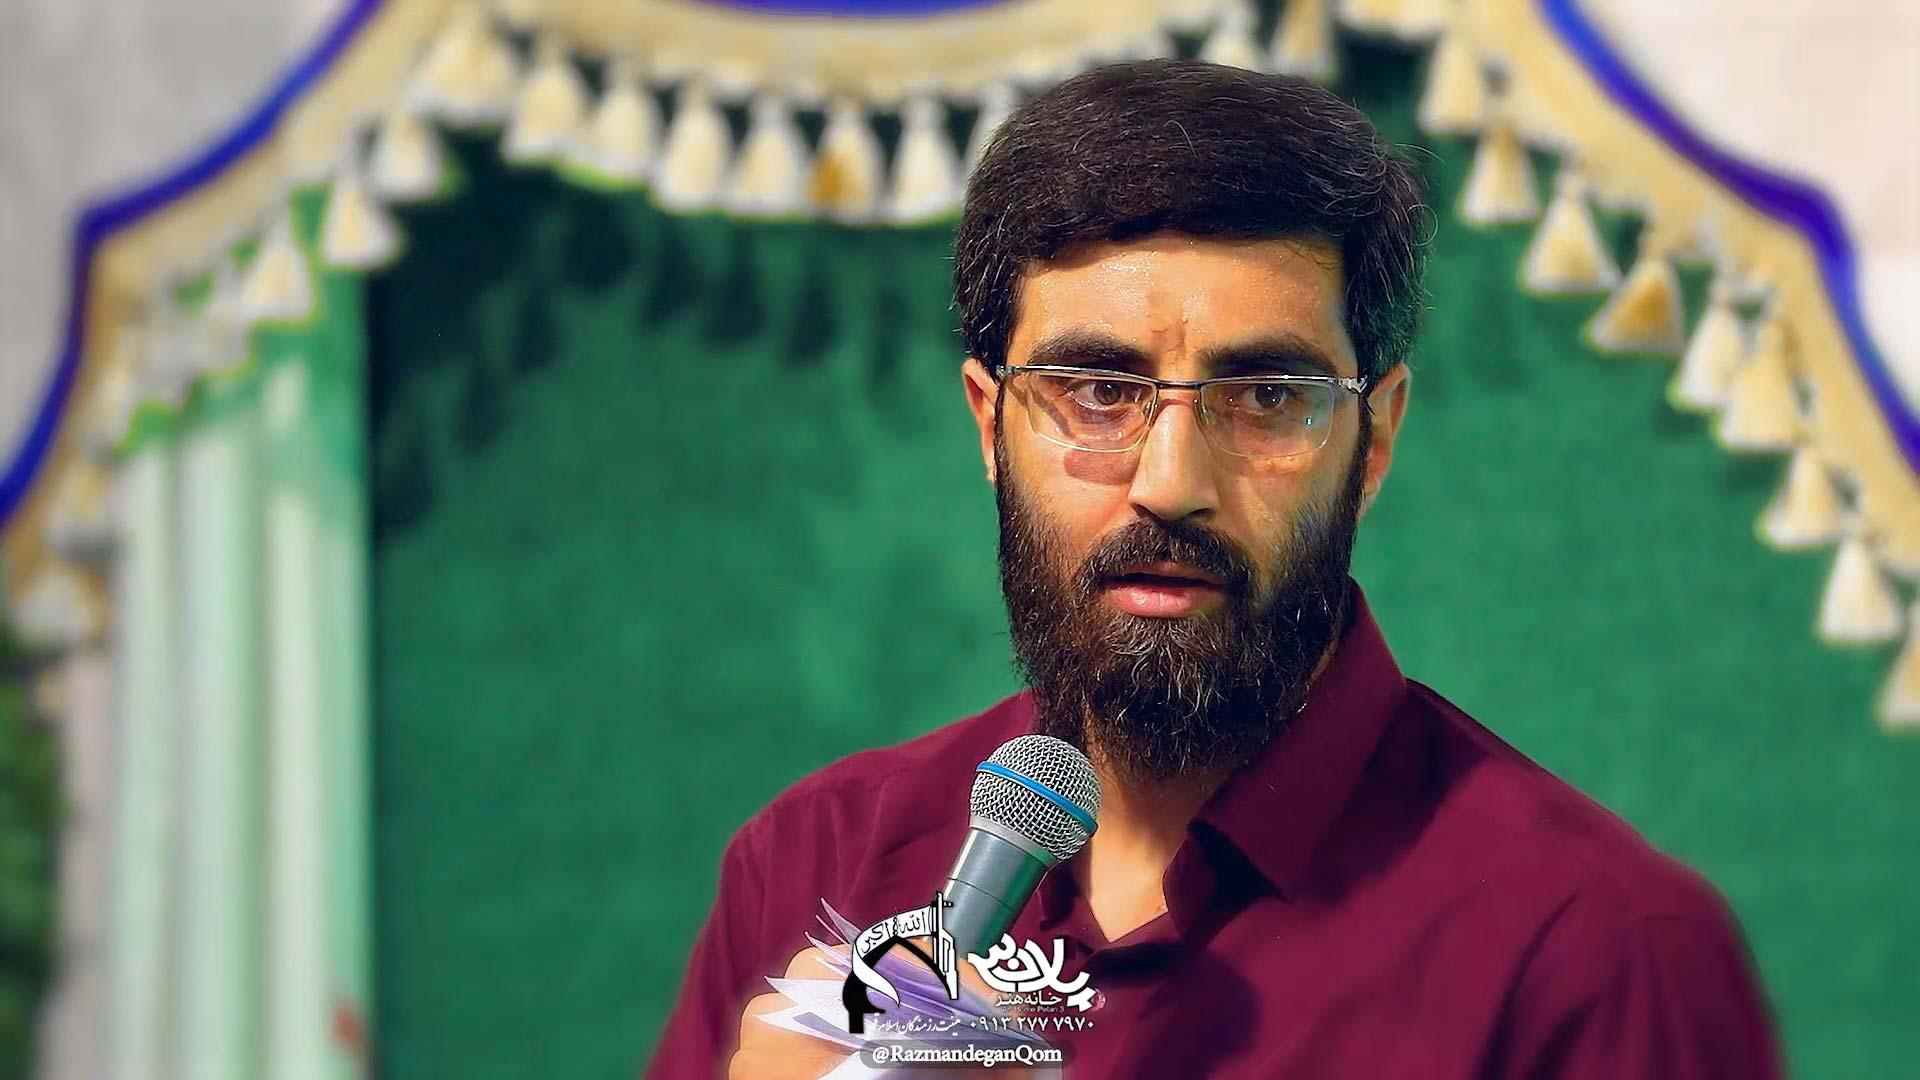 اشک شوق سید رضا نریمانی